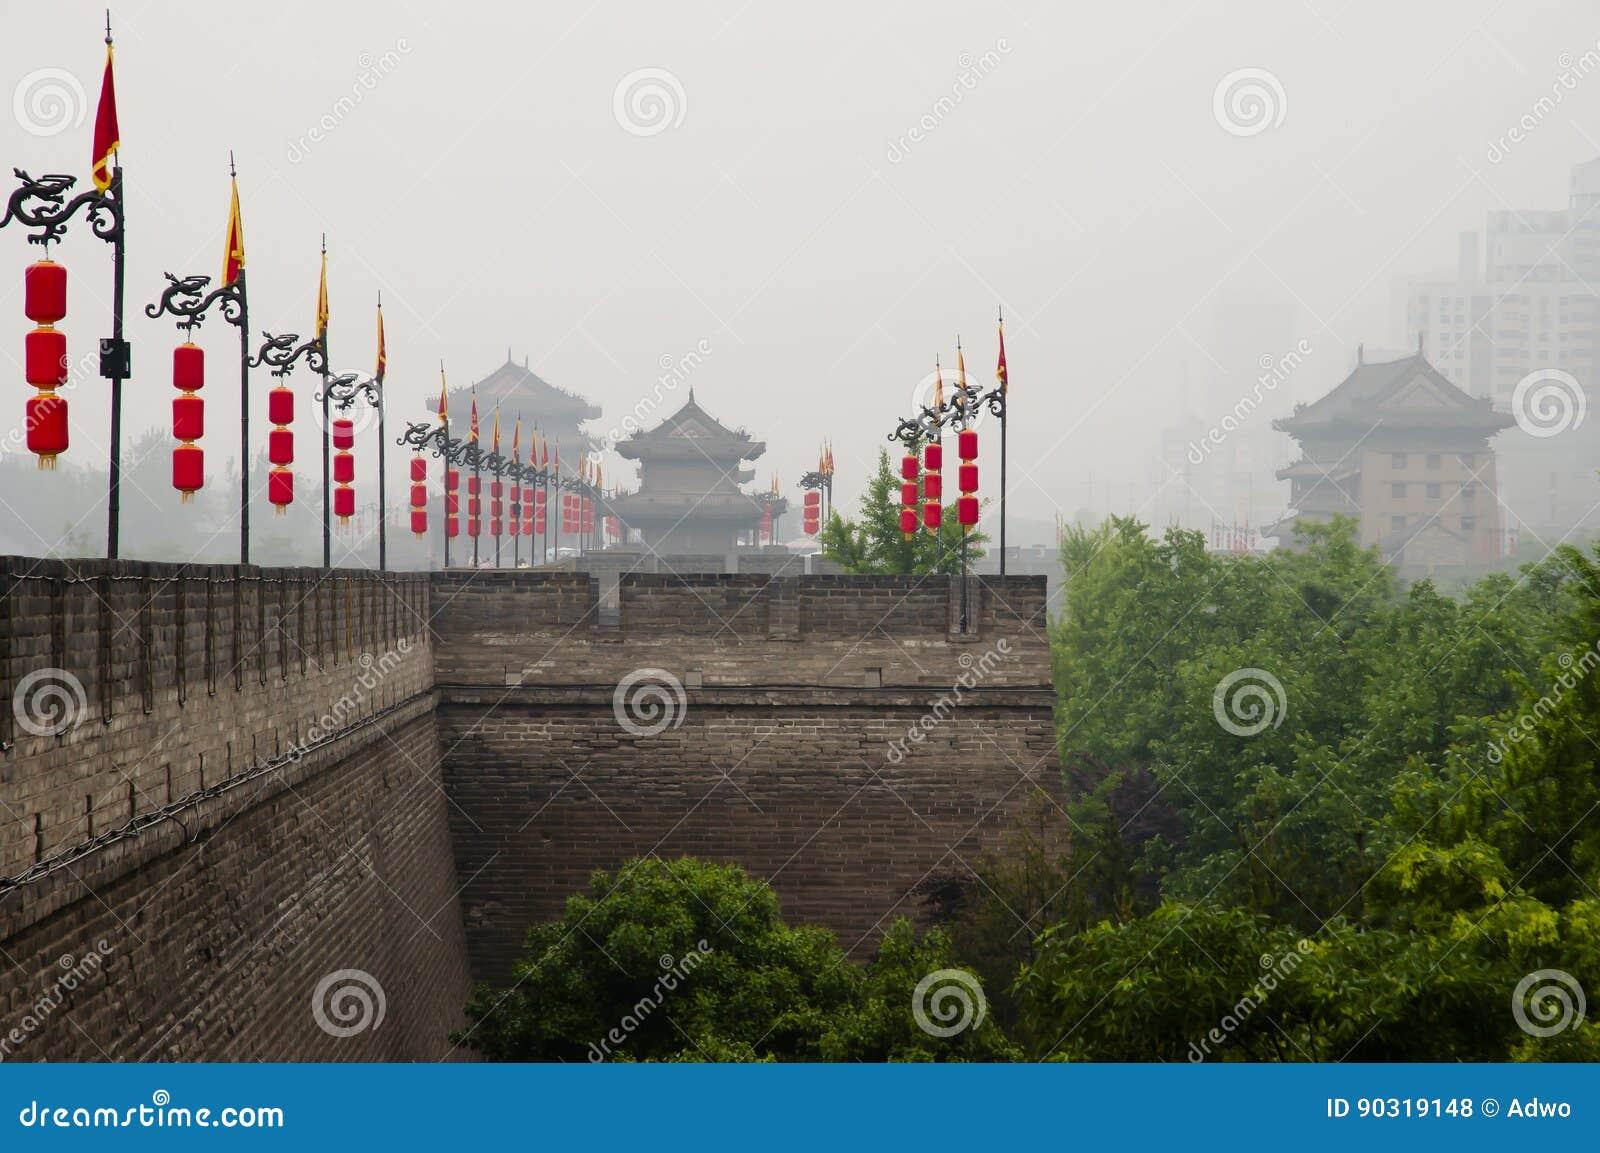 Стена города - Xian - Китай